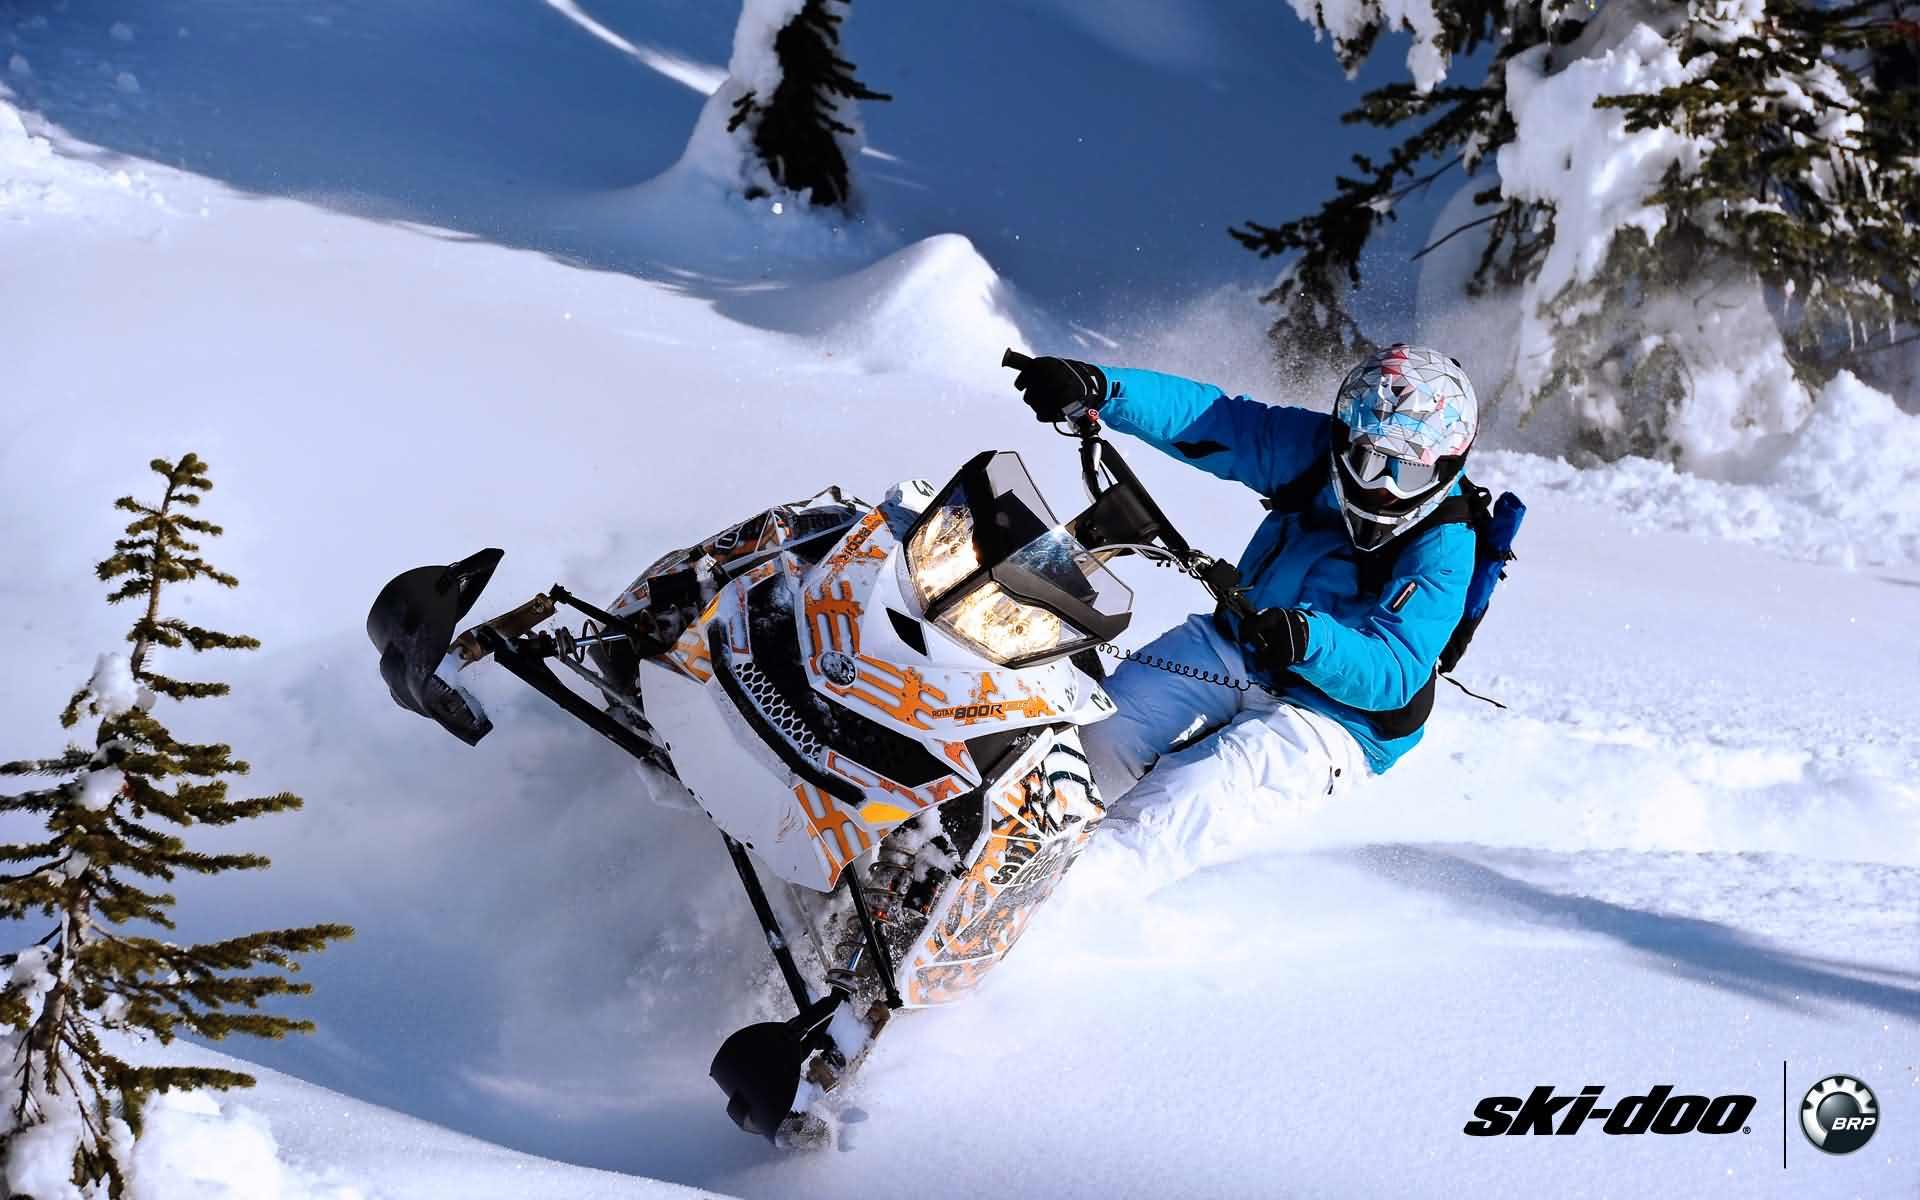 Ski Doo Wallpaper 1920x1200px 887569 1920x1200